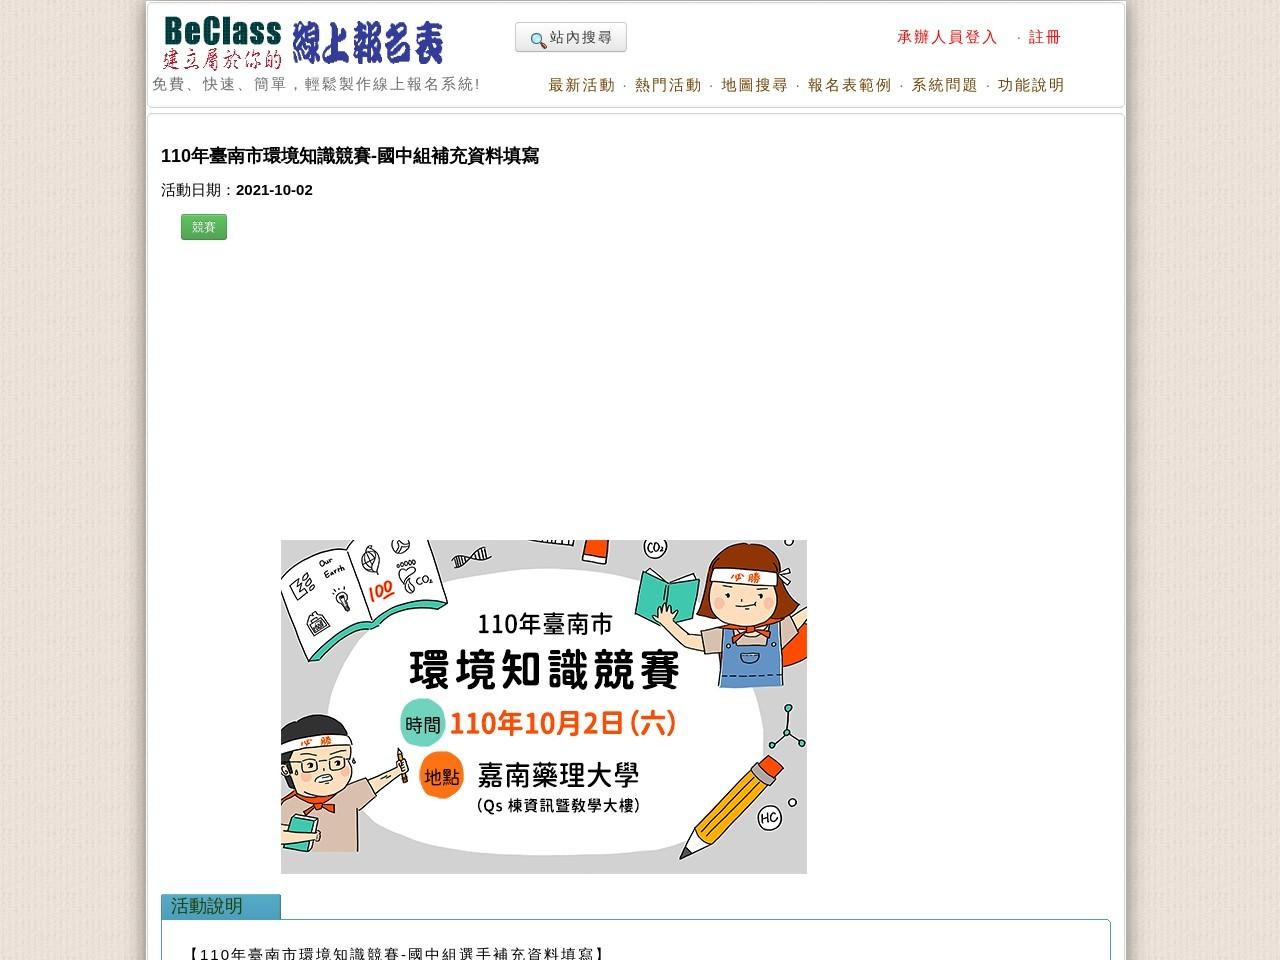 110年臺南市環境知識競賽-國中組補充資料填寫